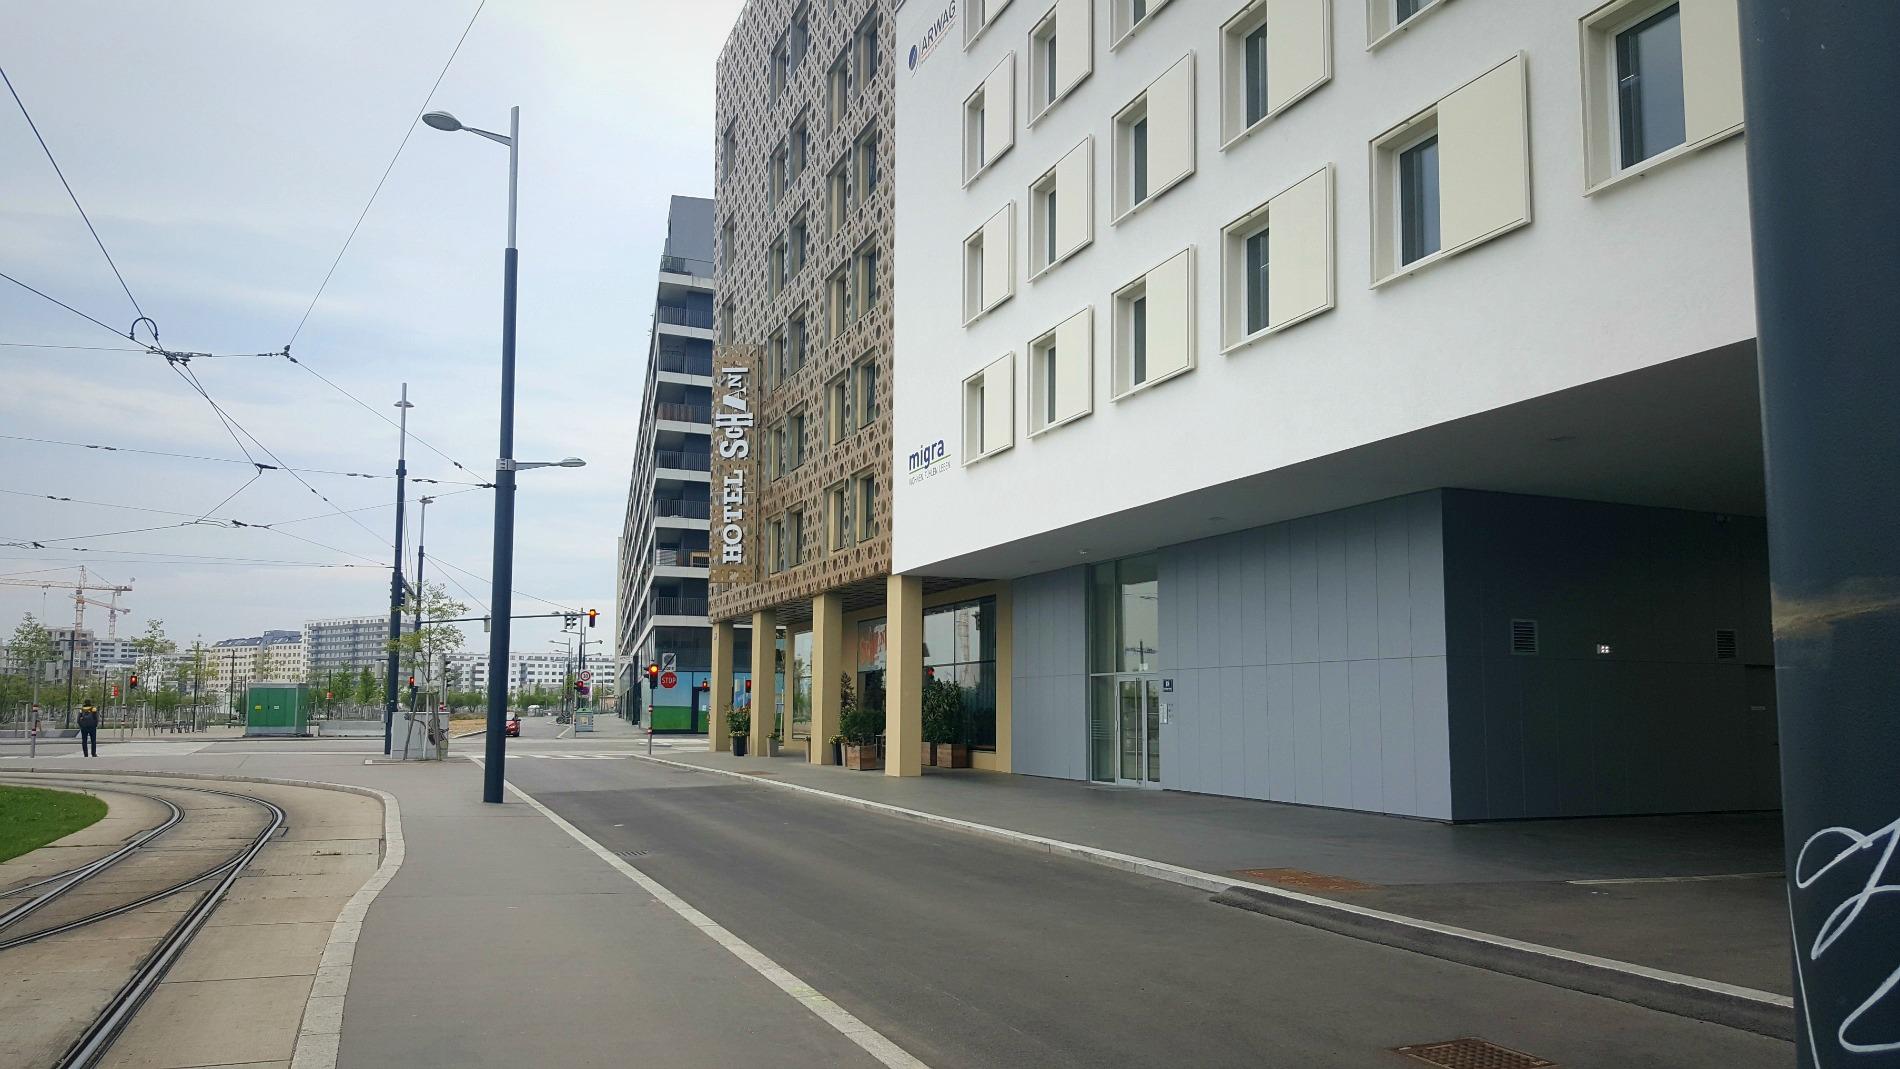 hotel-schani-wien- Karl-Popper-Straße